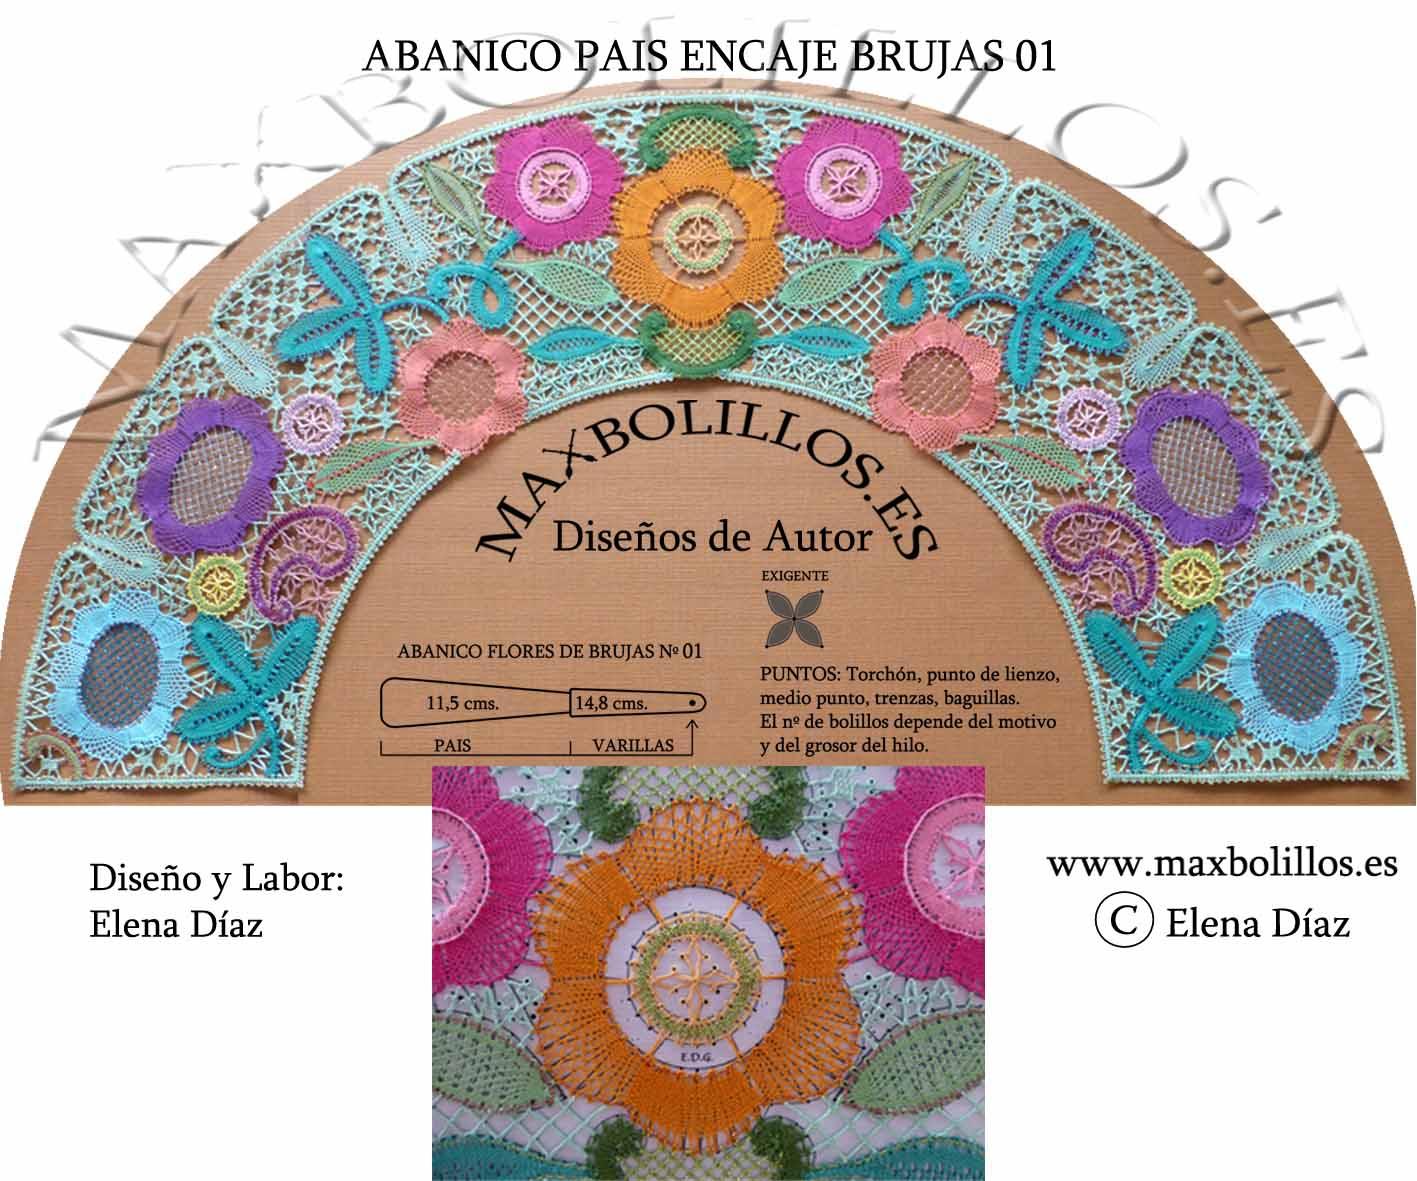 Brujas%20Abanico%2000.jpg